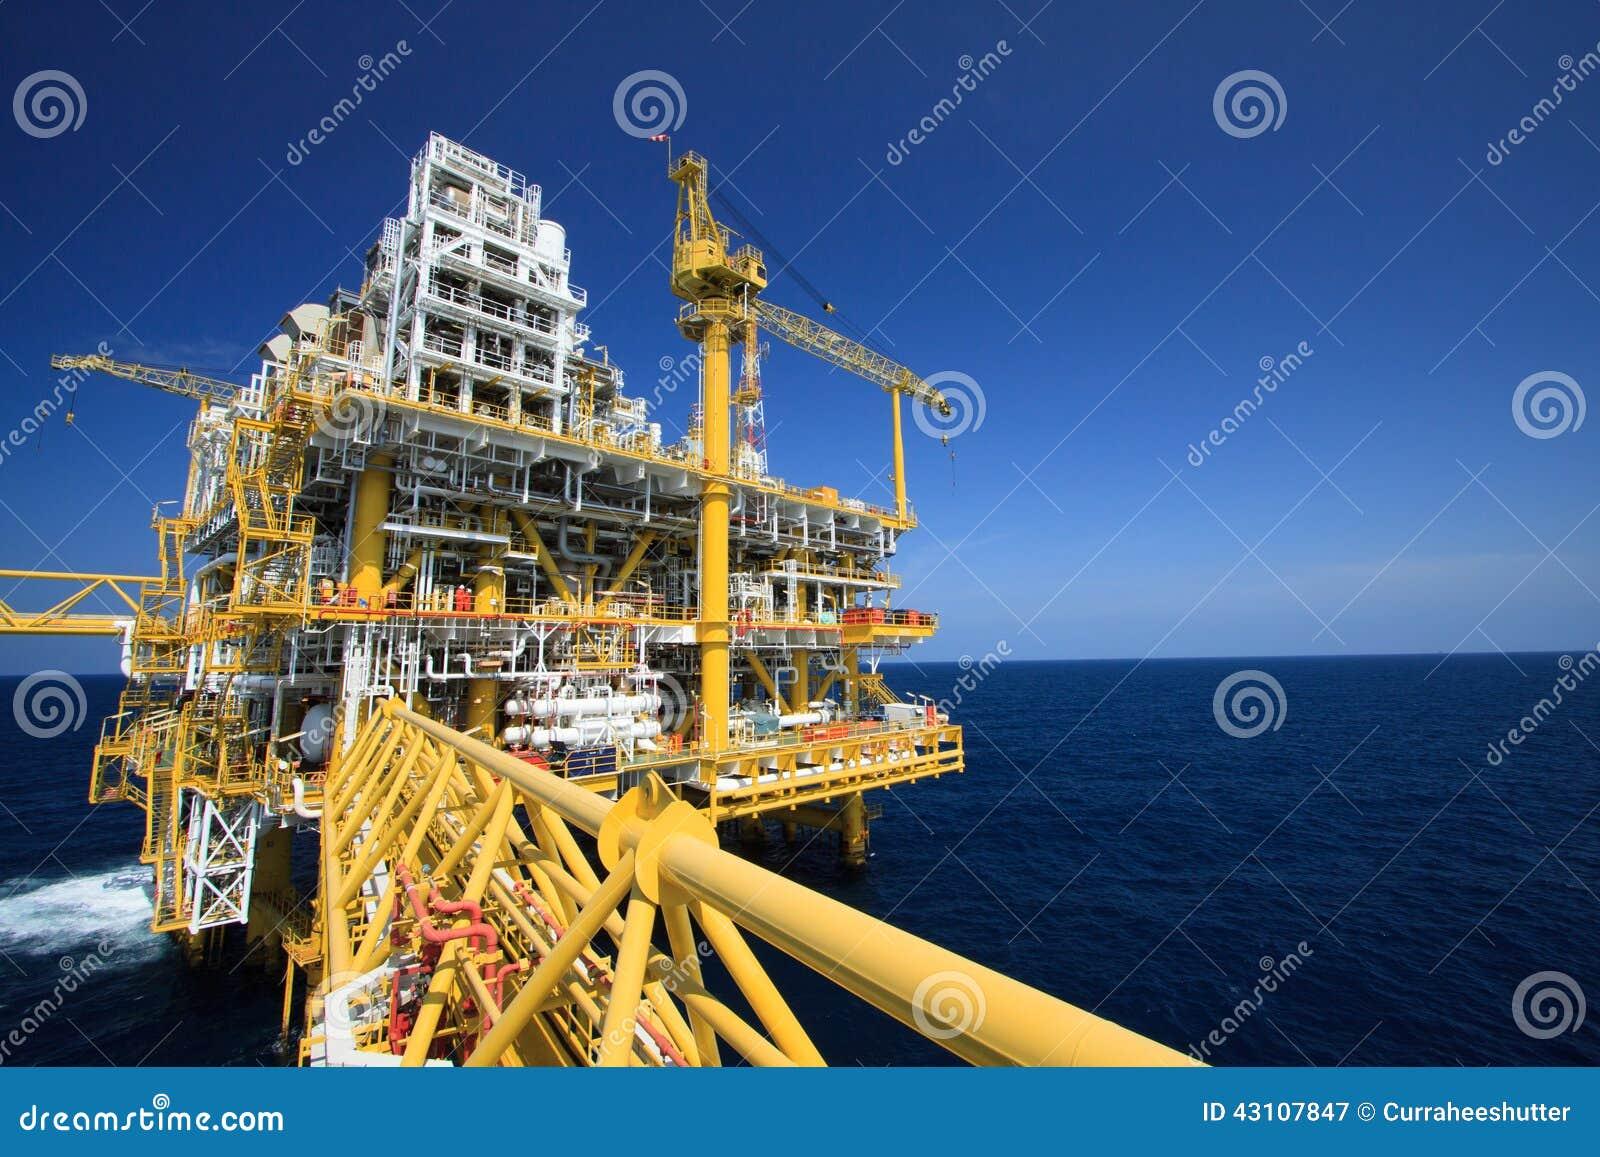 Fossila bränslenplattform i frånlands- bransch, produktionsprocess i oljabransch, konstruktionsväxt av fossila bränslenbransch